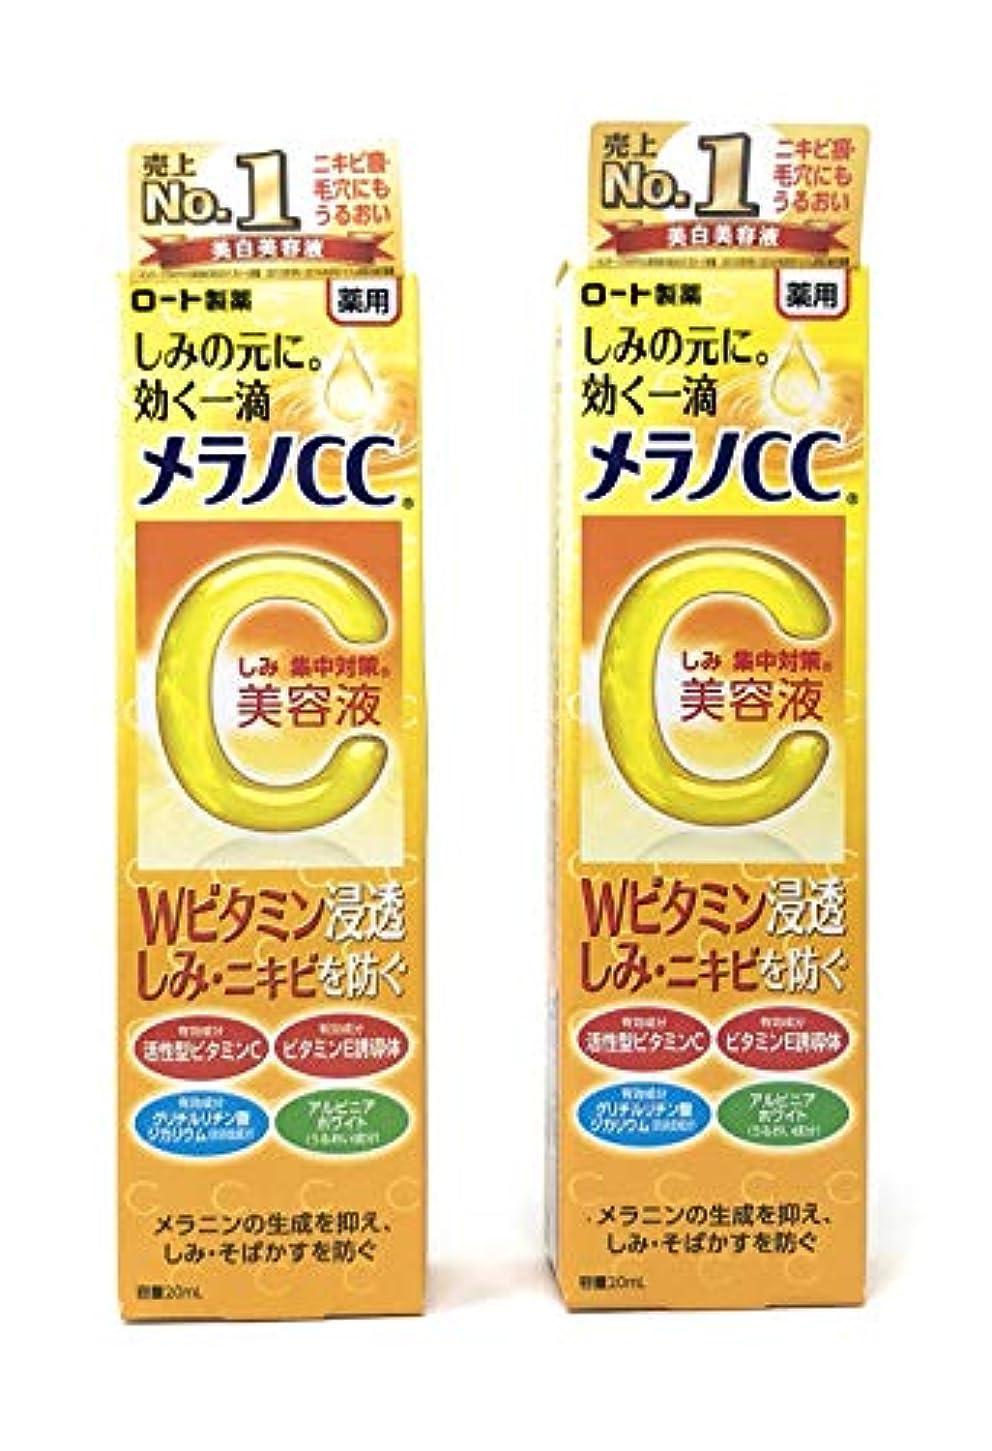 疲れたやけど中央[セット品] メラノCC 薬用 しみ?にきび 集中対策 Wビタミン美容液 20ml × 2箱 と SHOWルイボスティー1袋